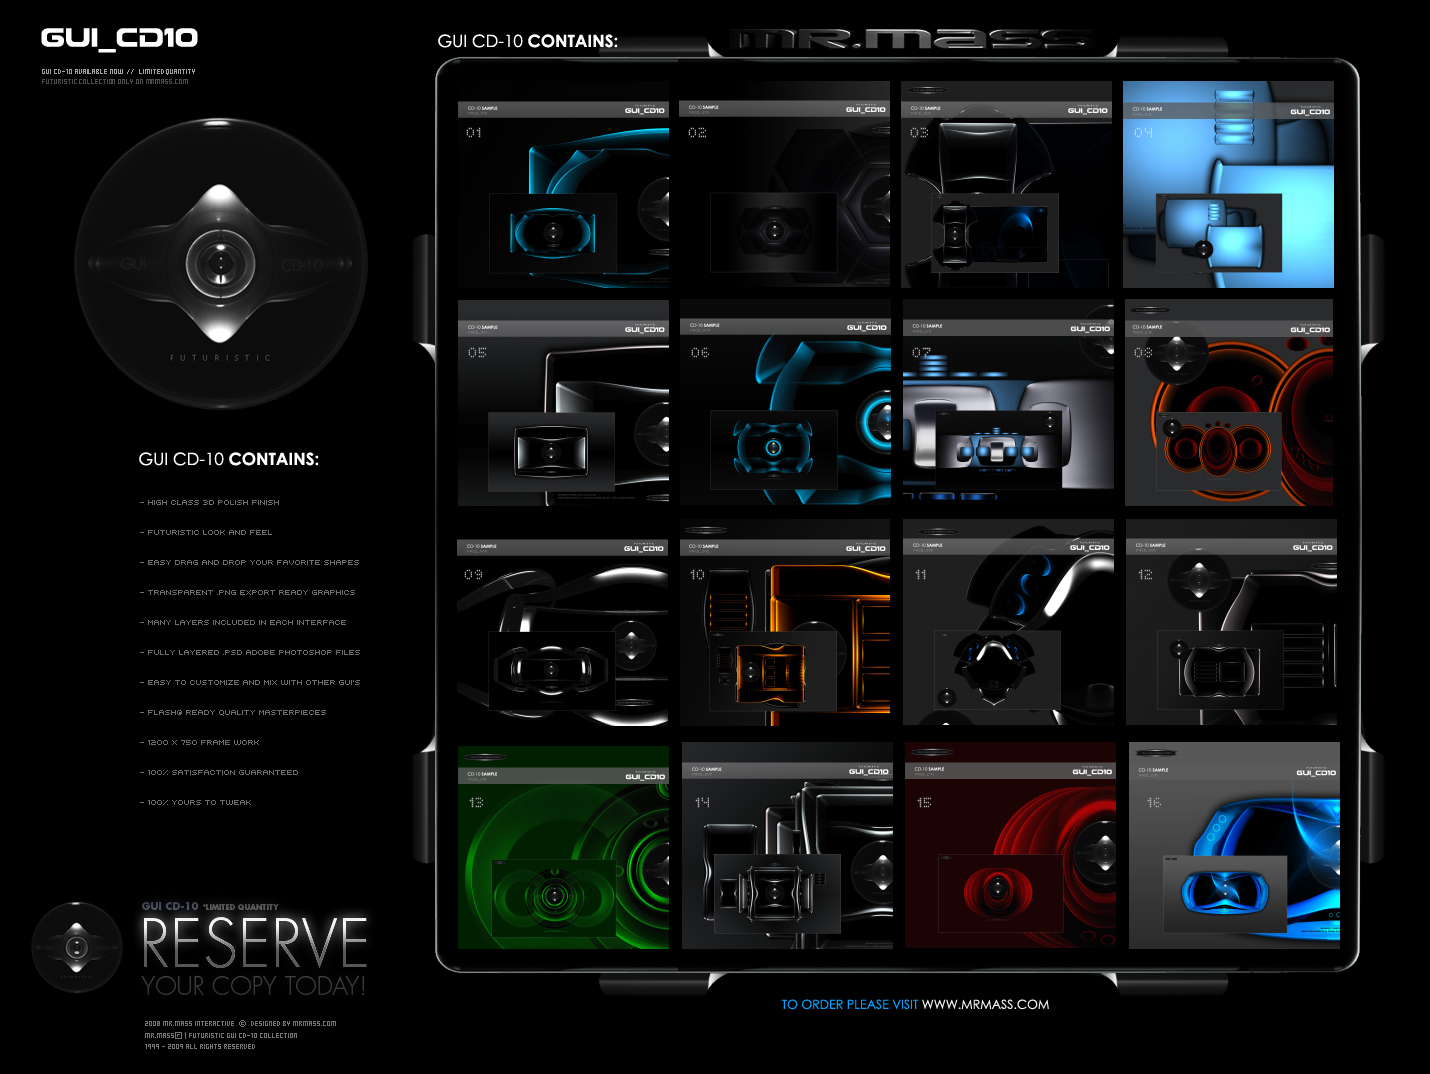 Futuristic GUI CD-10 Concept by mrmass